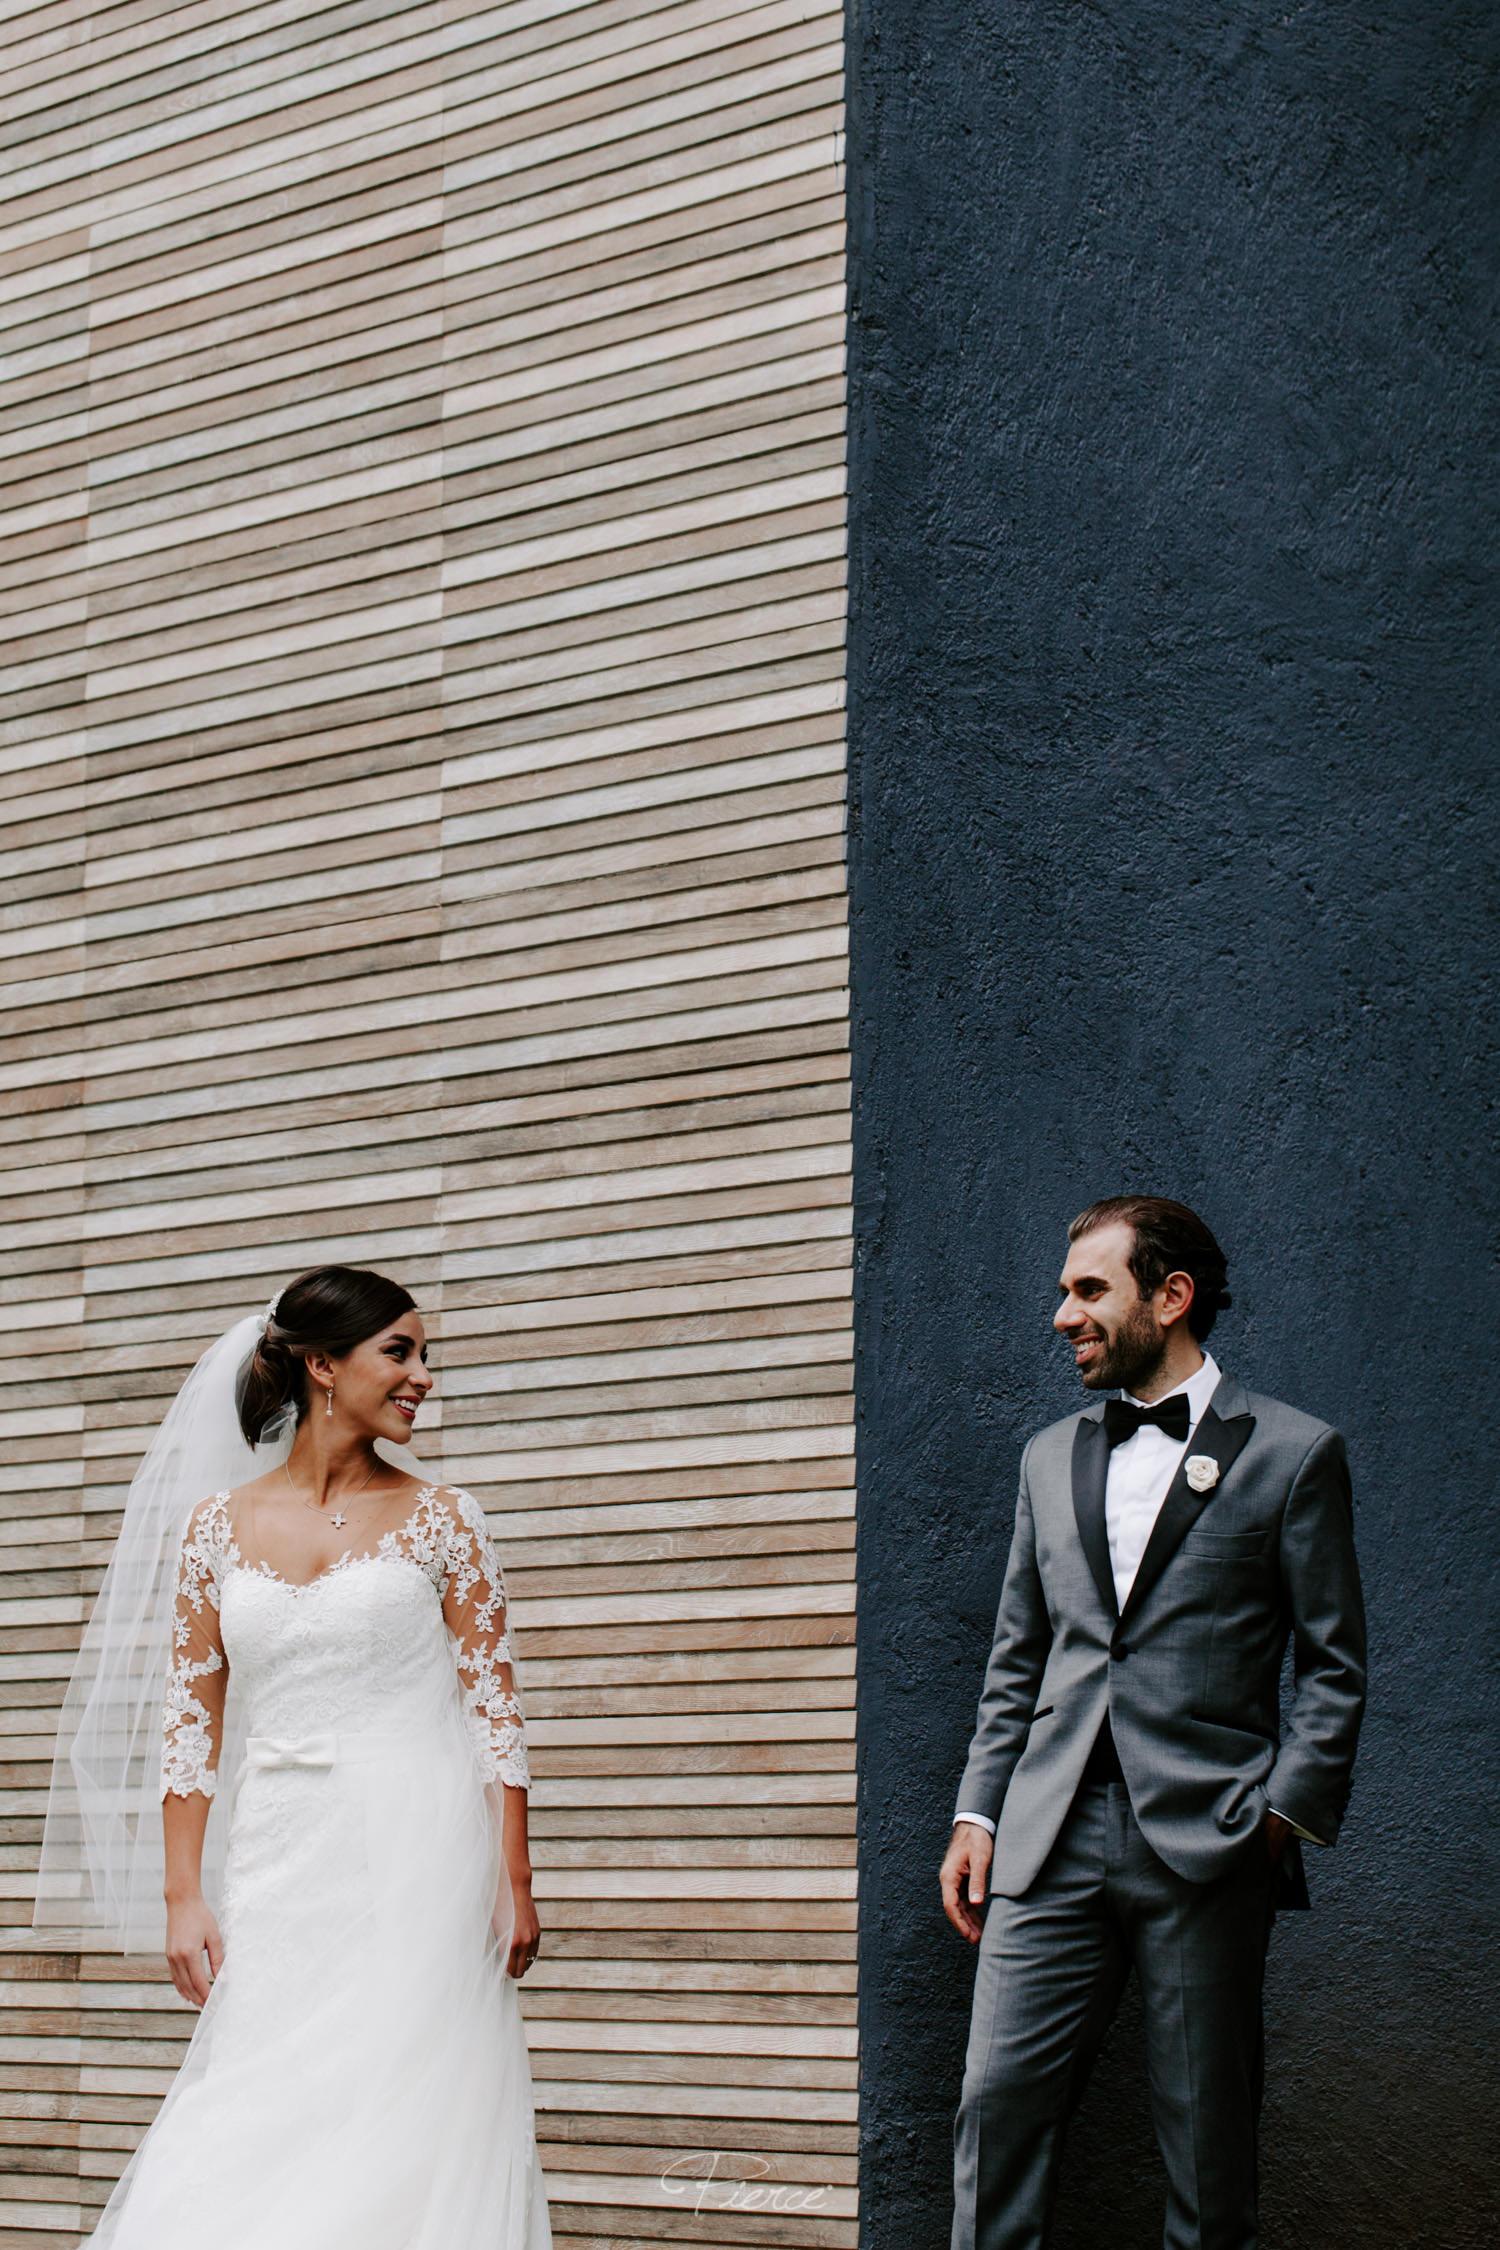 fotografia-de-boda-valle-de-bravo-mexico-rosmarino-pierce-weddings-0251.JPG